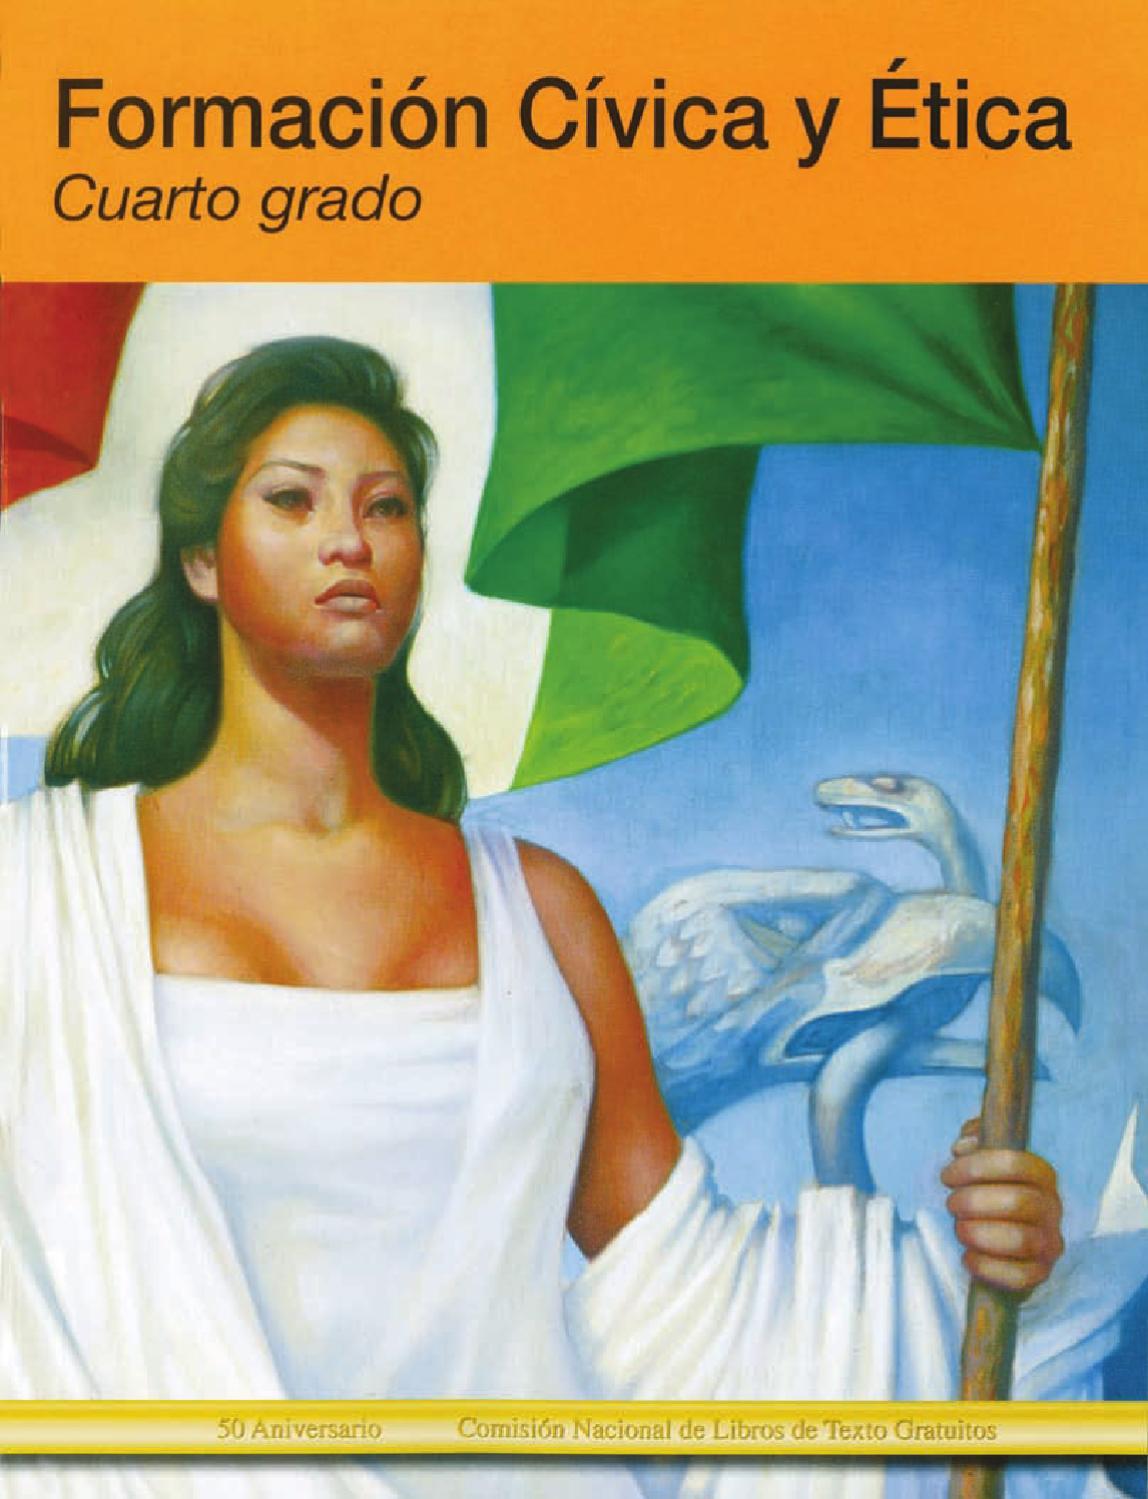 Settings >> ISSUU - Formación Civica y Etica 4to. Grado by sbasica